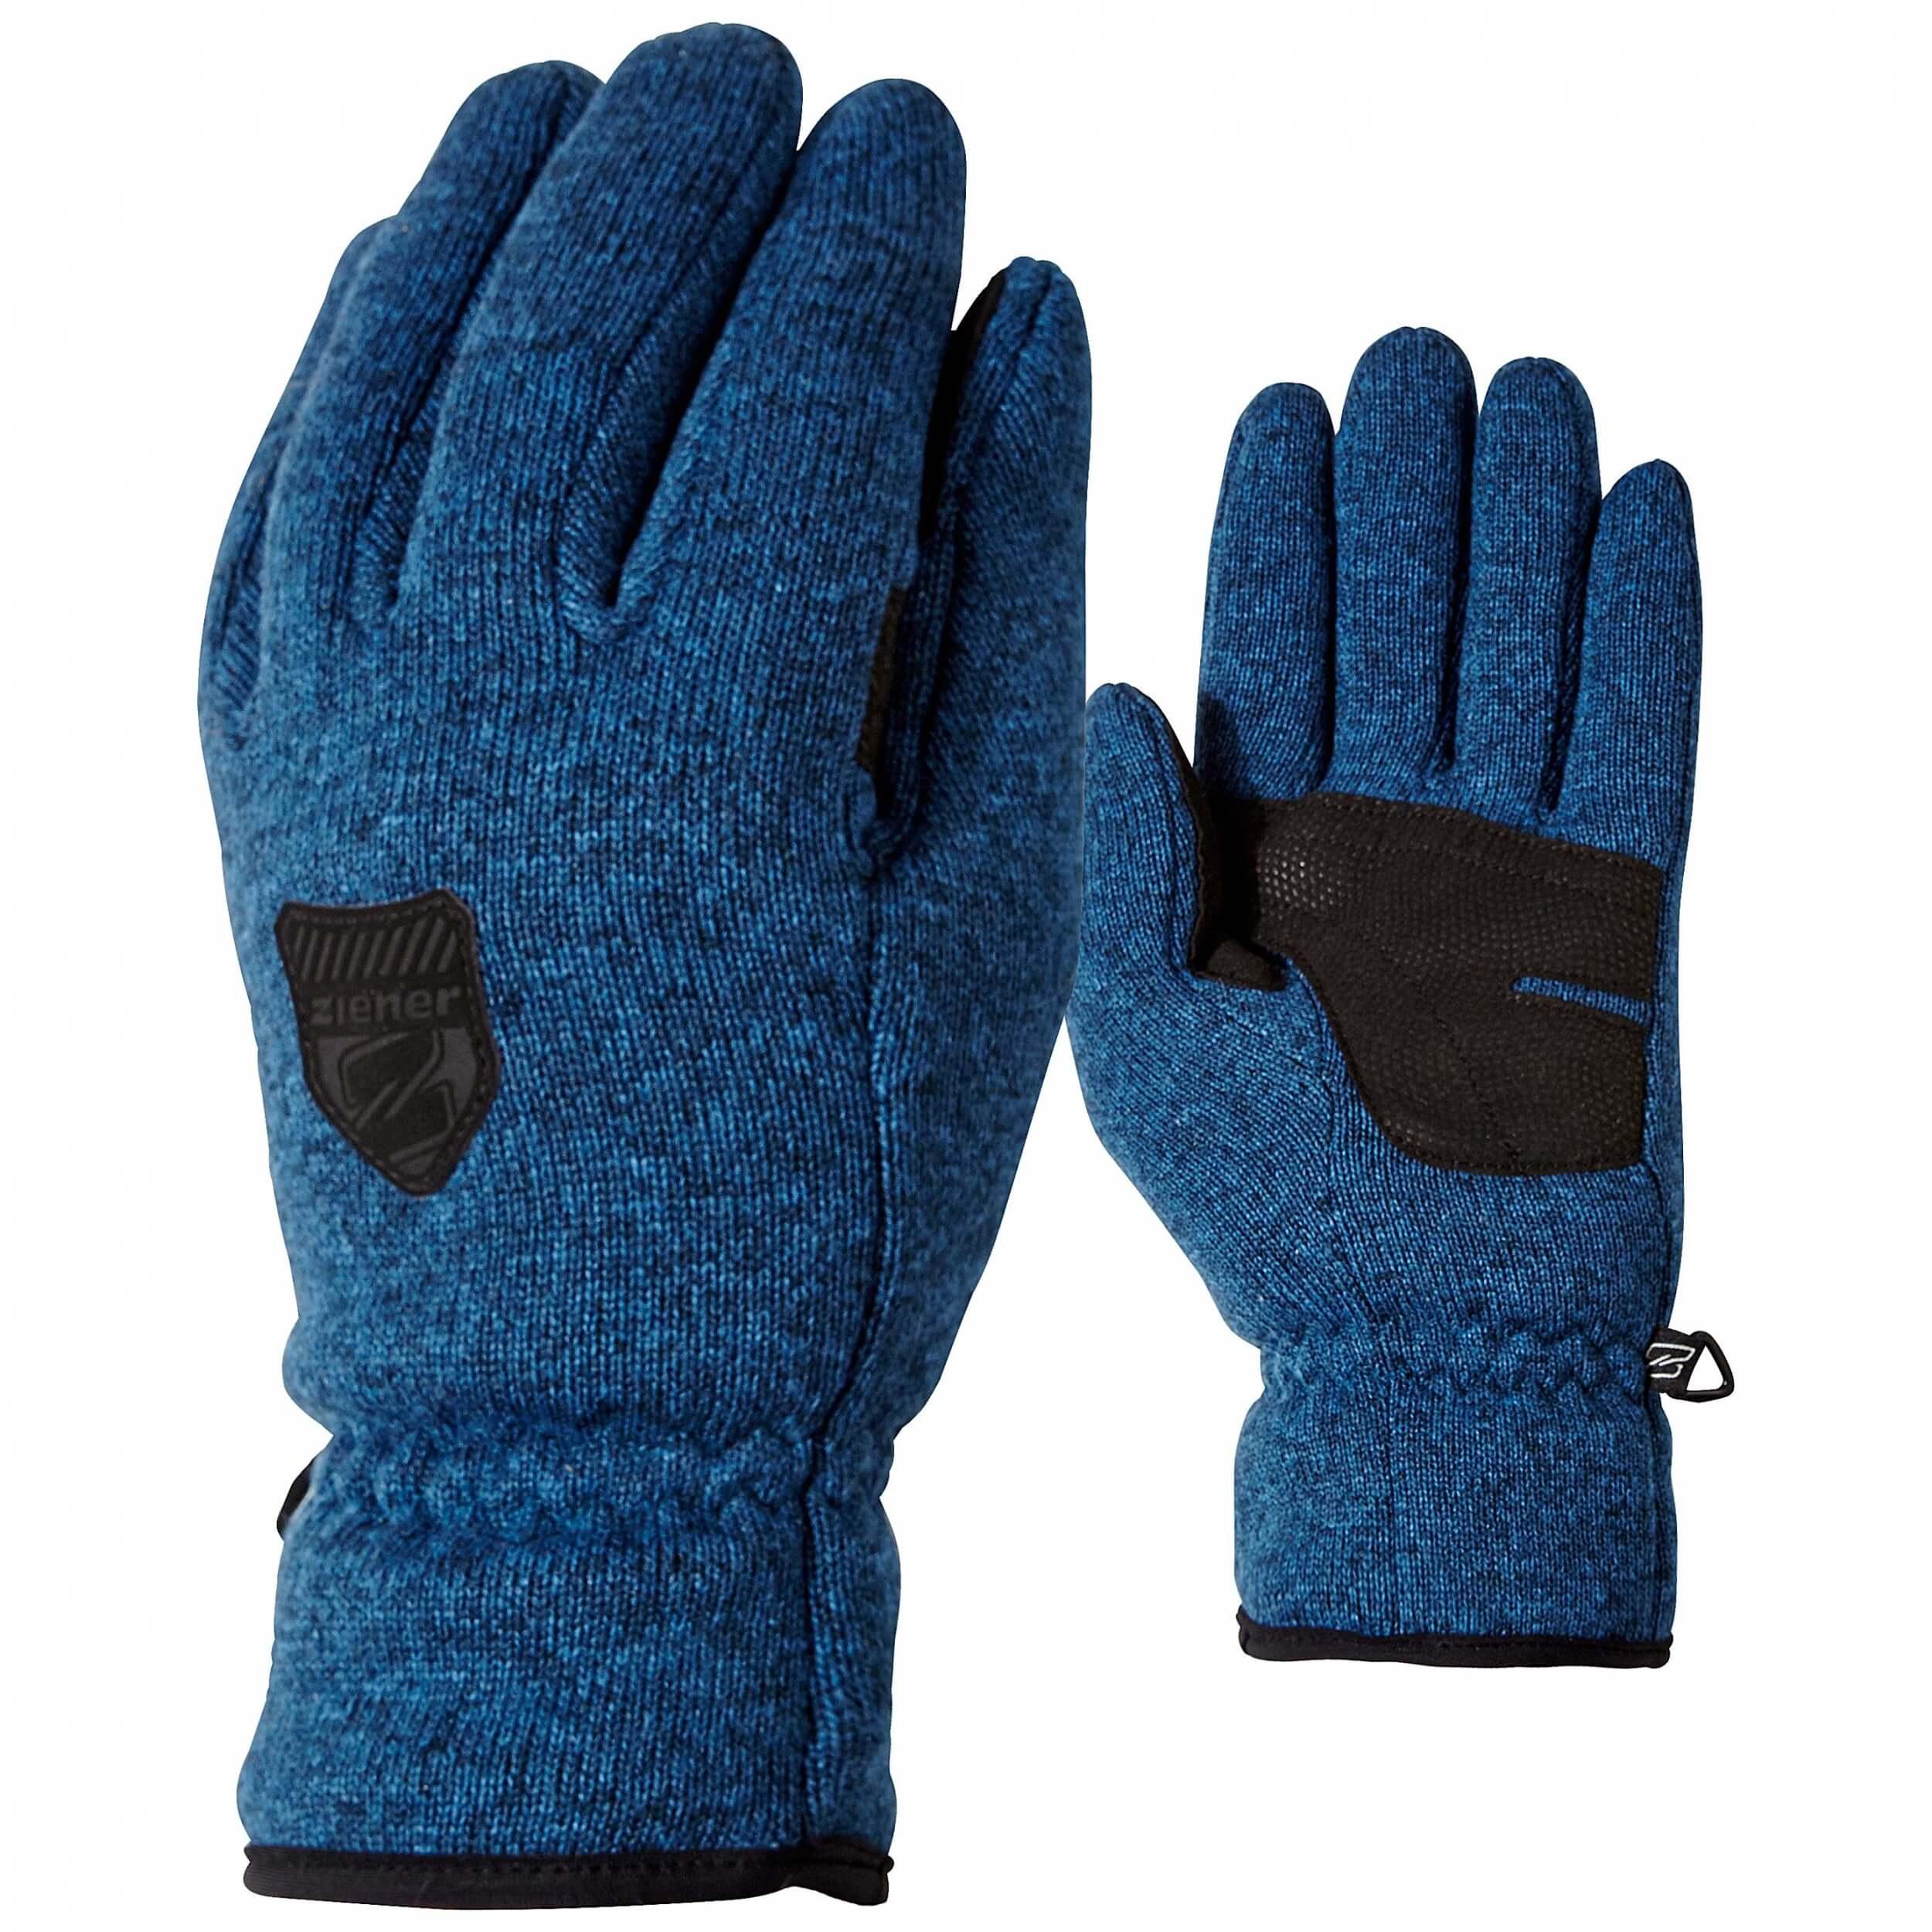 ZIENER Winter Handschuhe Imagiosso blau 760